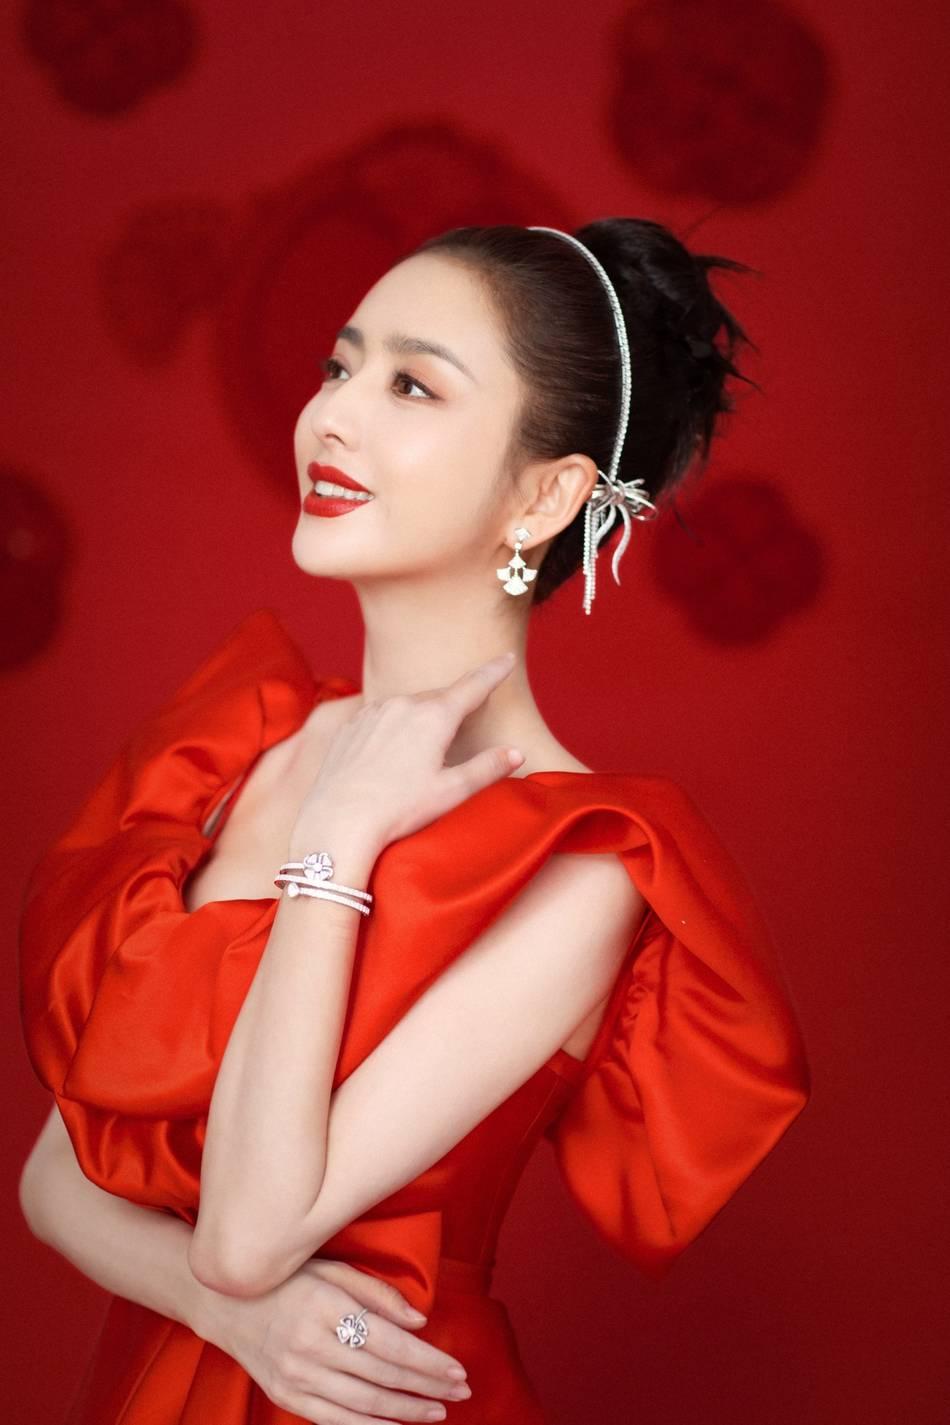 佟丽娅身着红色长裙 优雅大气